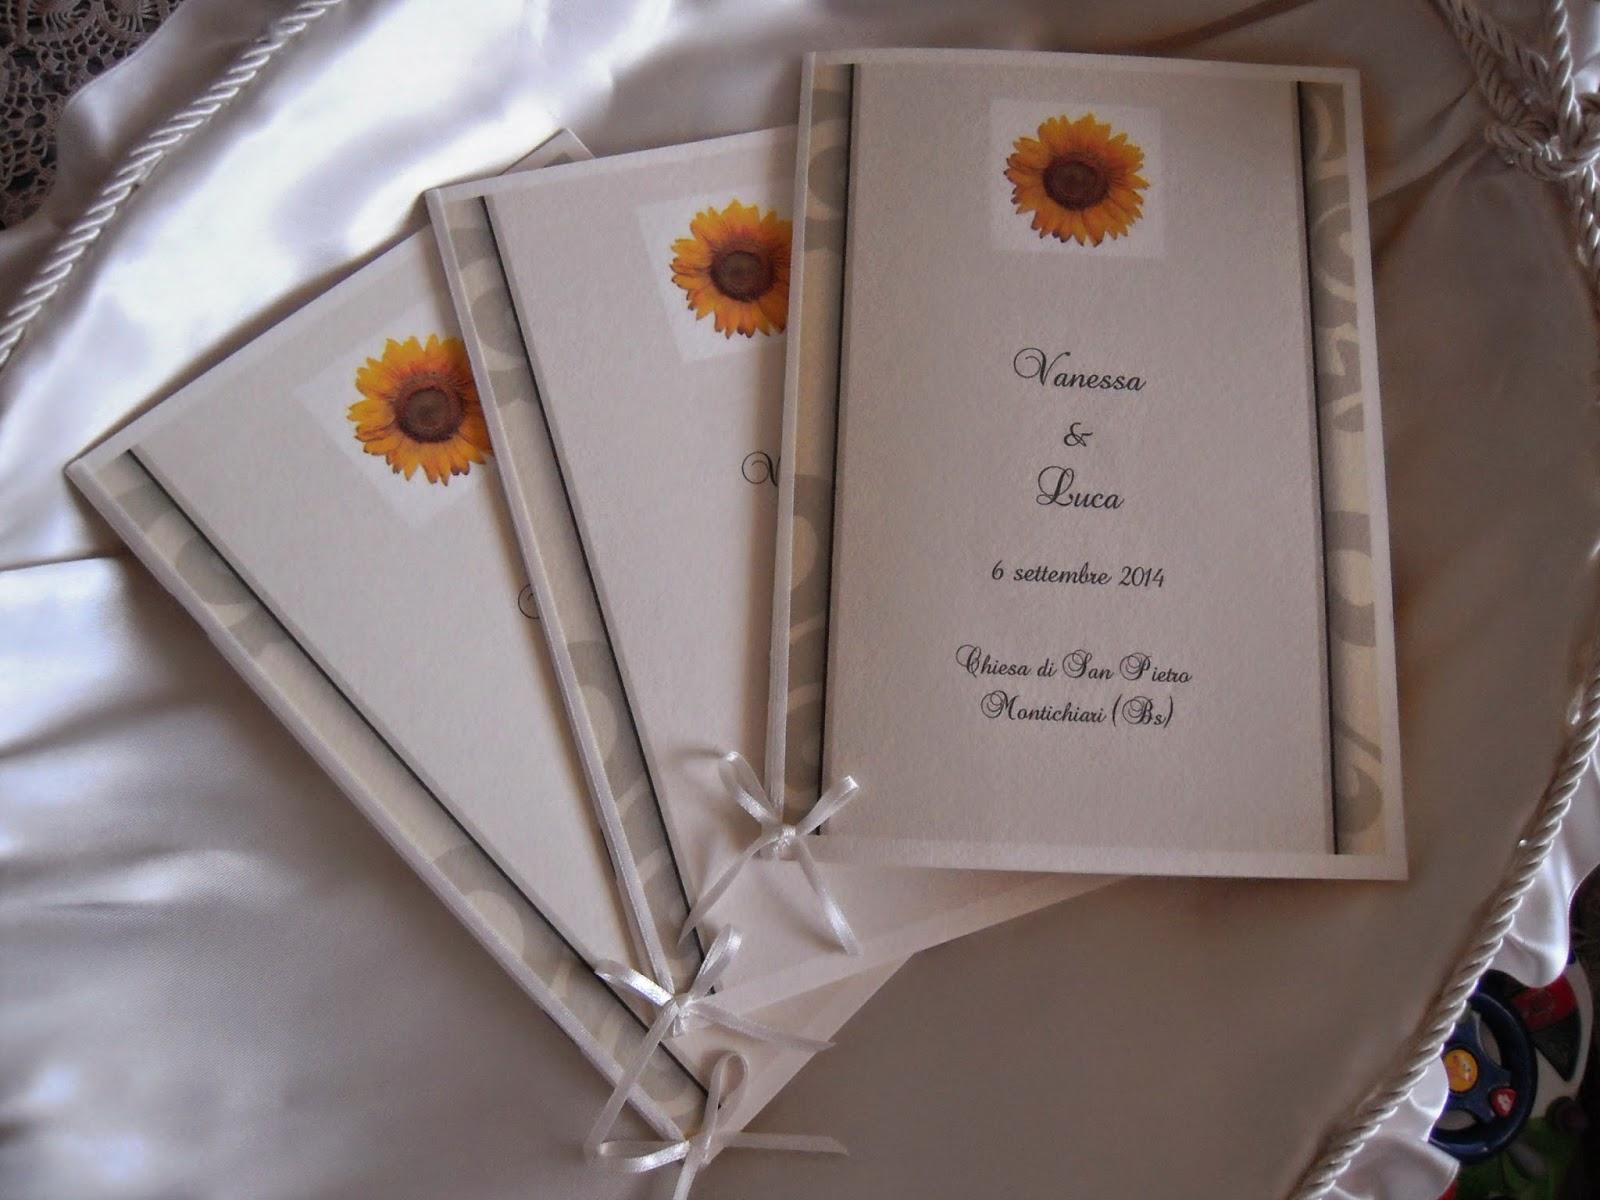 Libretto Matrimonio Girasoli : Eventidecor libretti messa degli sposi con girasoli